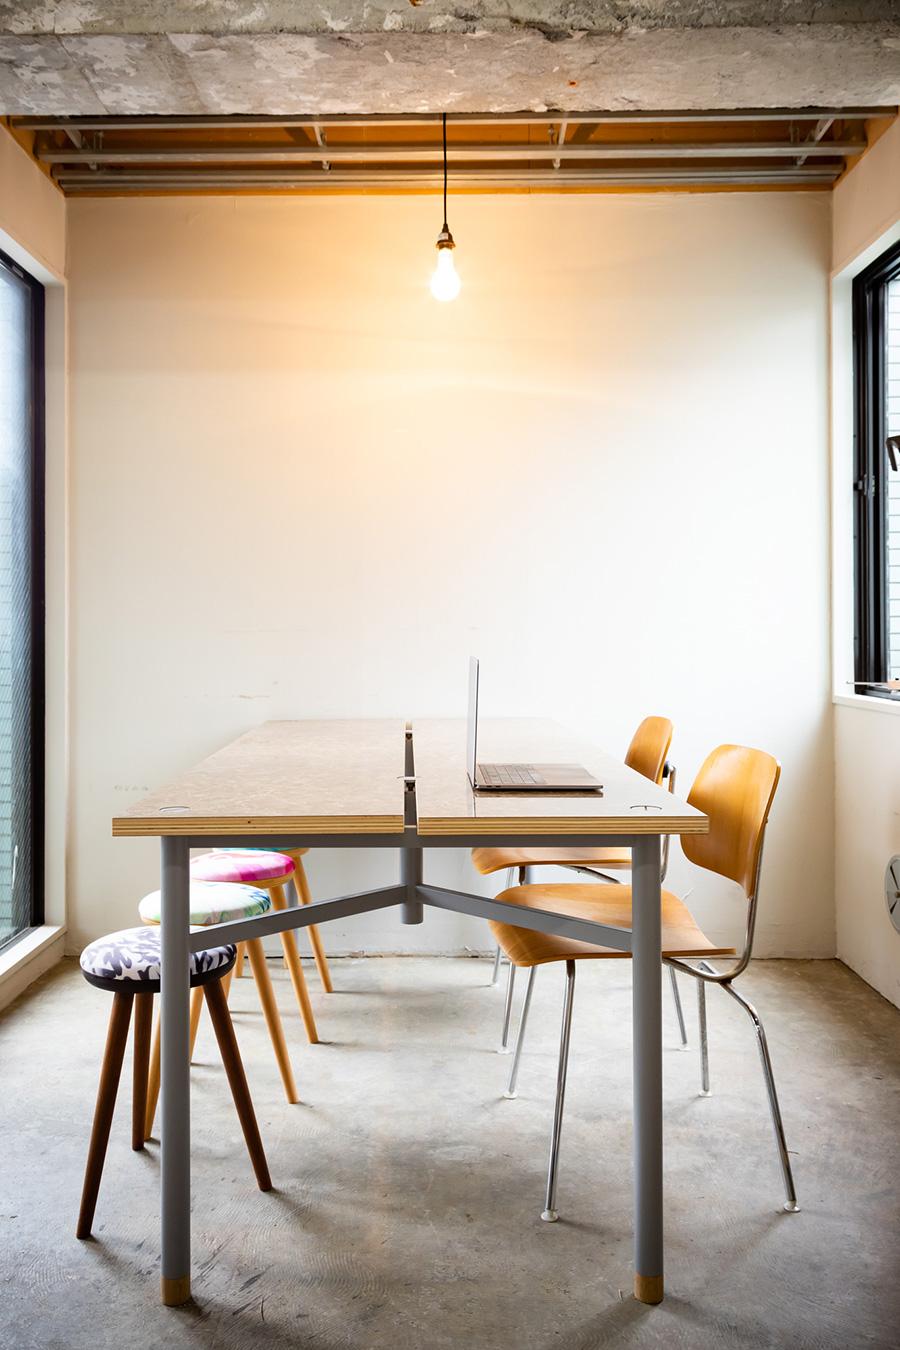 会議室のテーブルにピッタリな、中央に溝のあるタイプのテーブル。好きな材質の天板を2枚用意する。